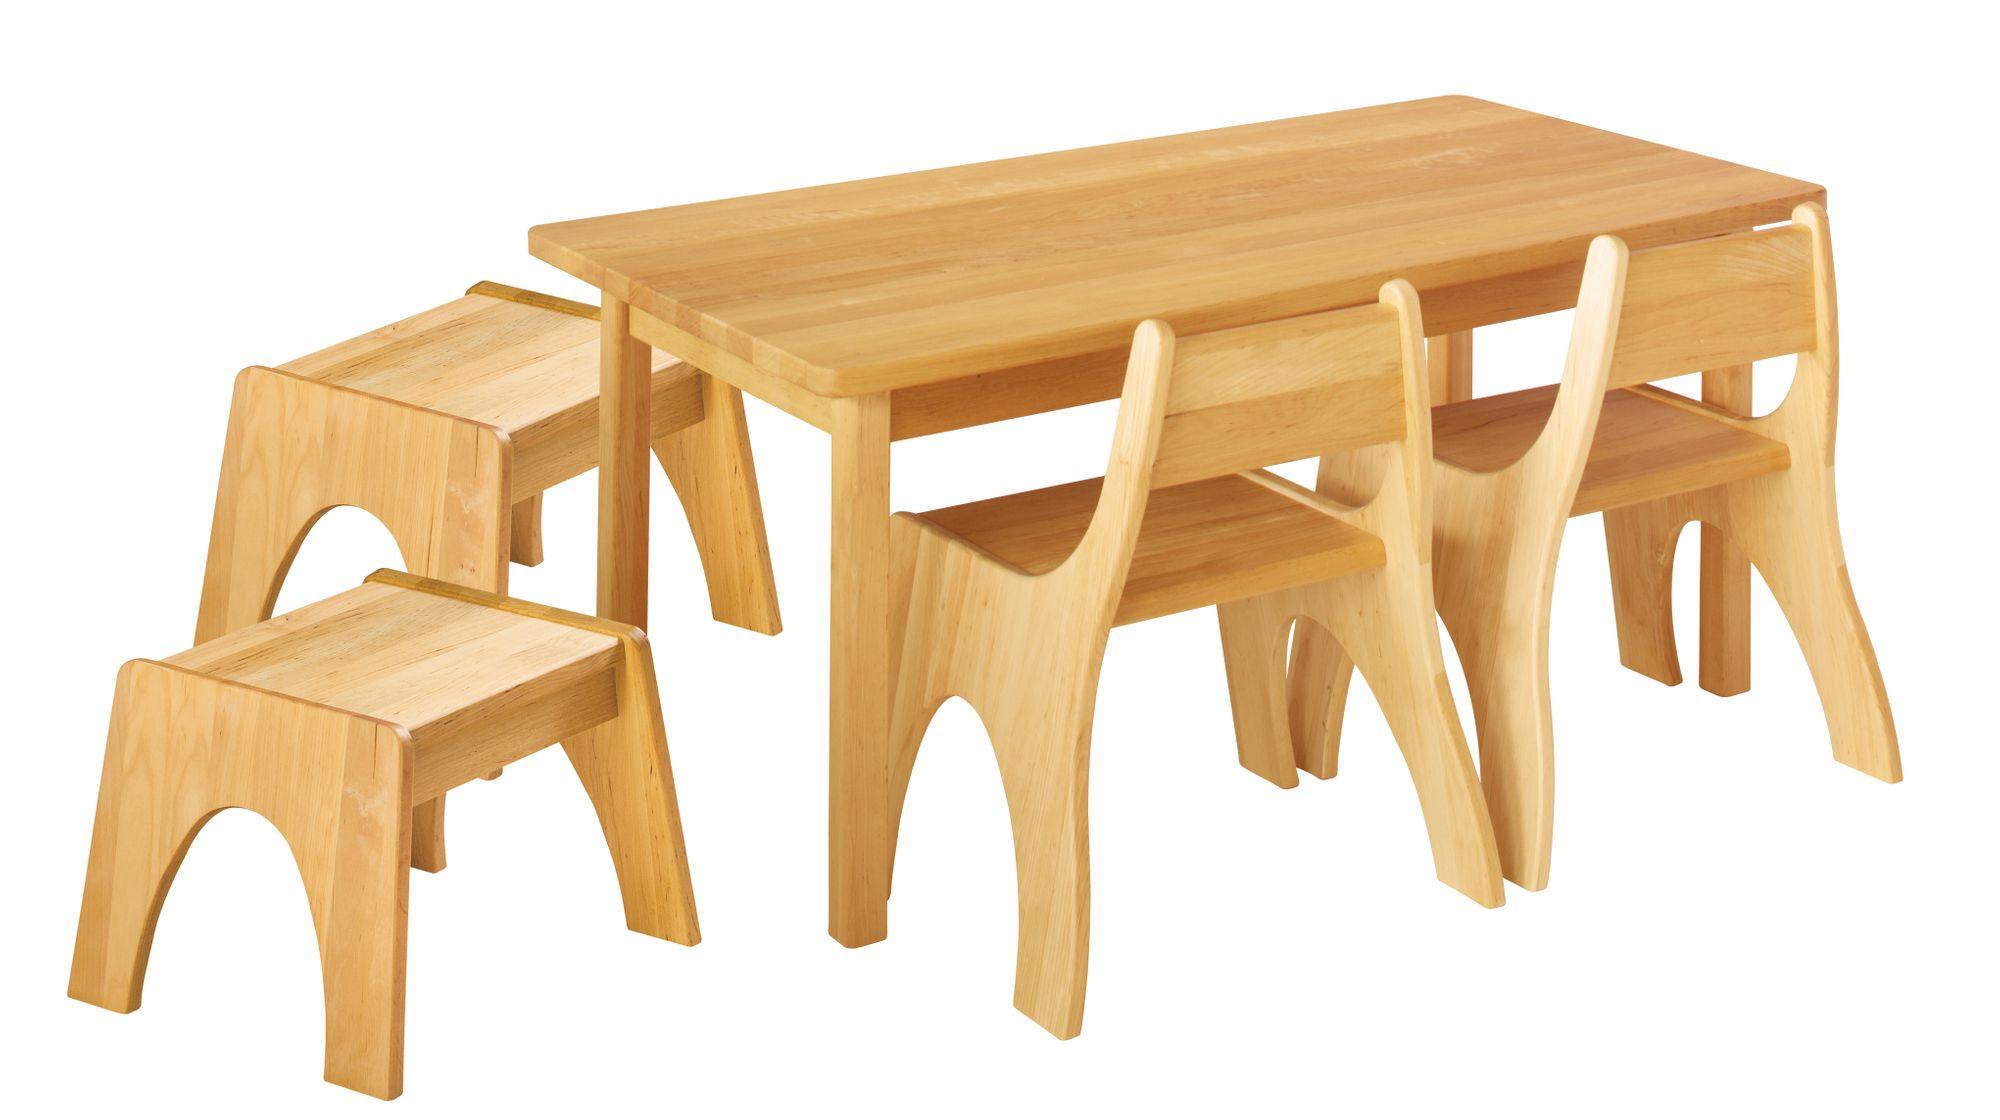 120x70 Zu Stühle Cm Biokinder Sitzgruppe Kindersitzgruppe 2 Hocker 25300 Details Tisch pMGqUzSV